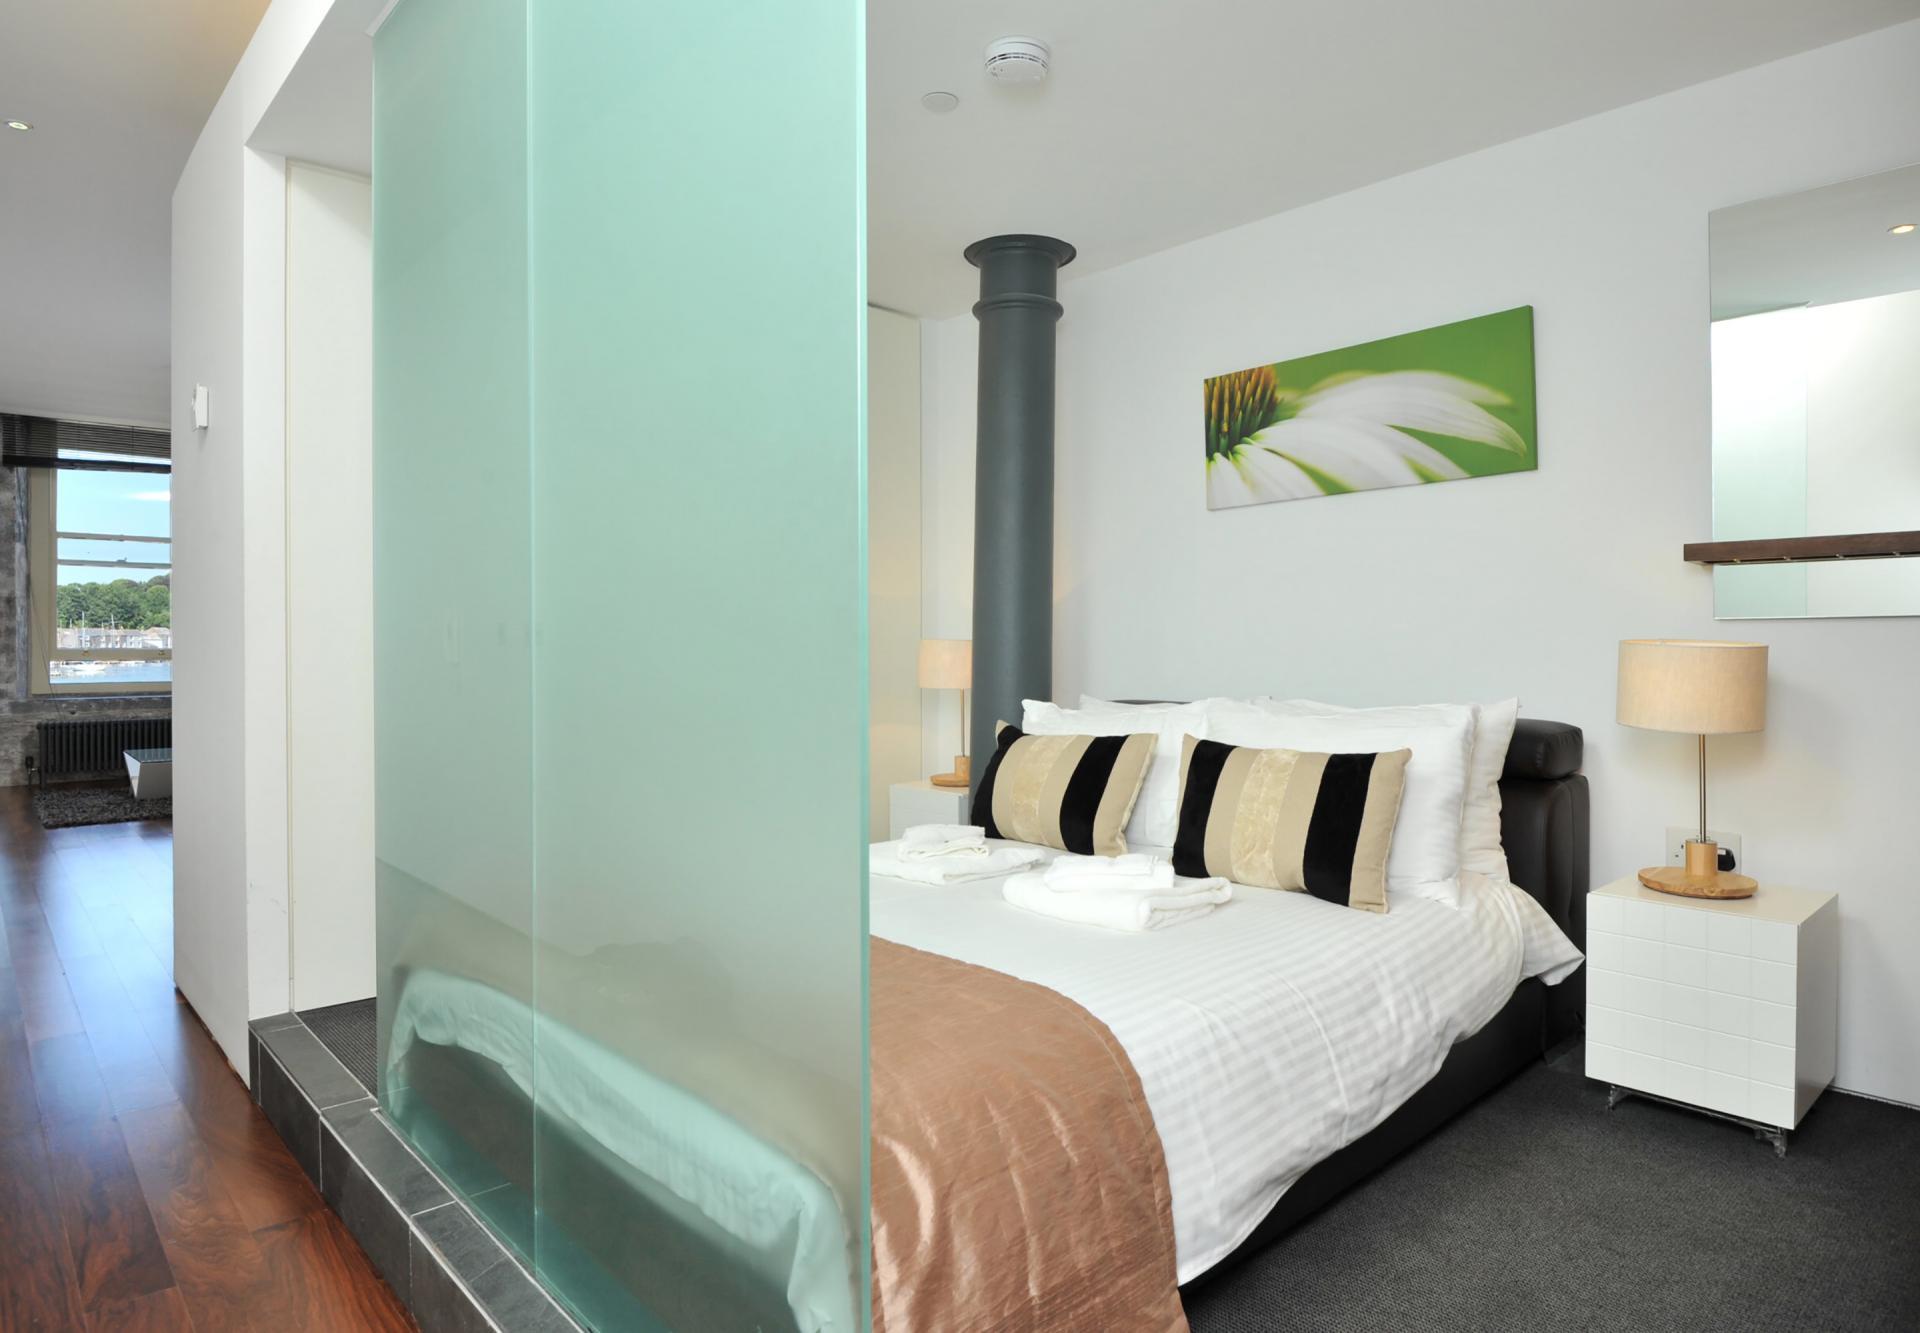 Glass wall at Drakes Wharf Apartments